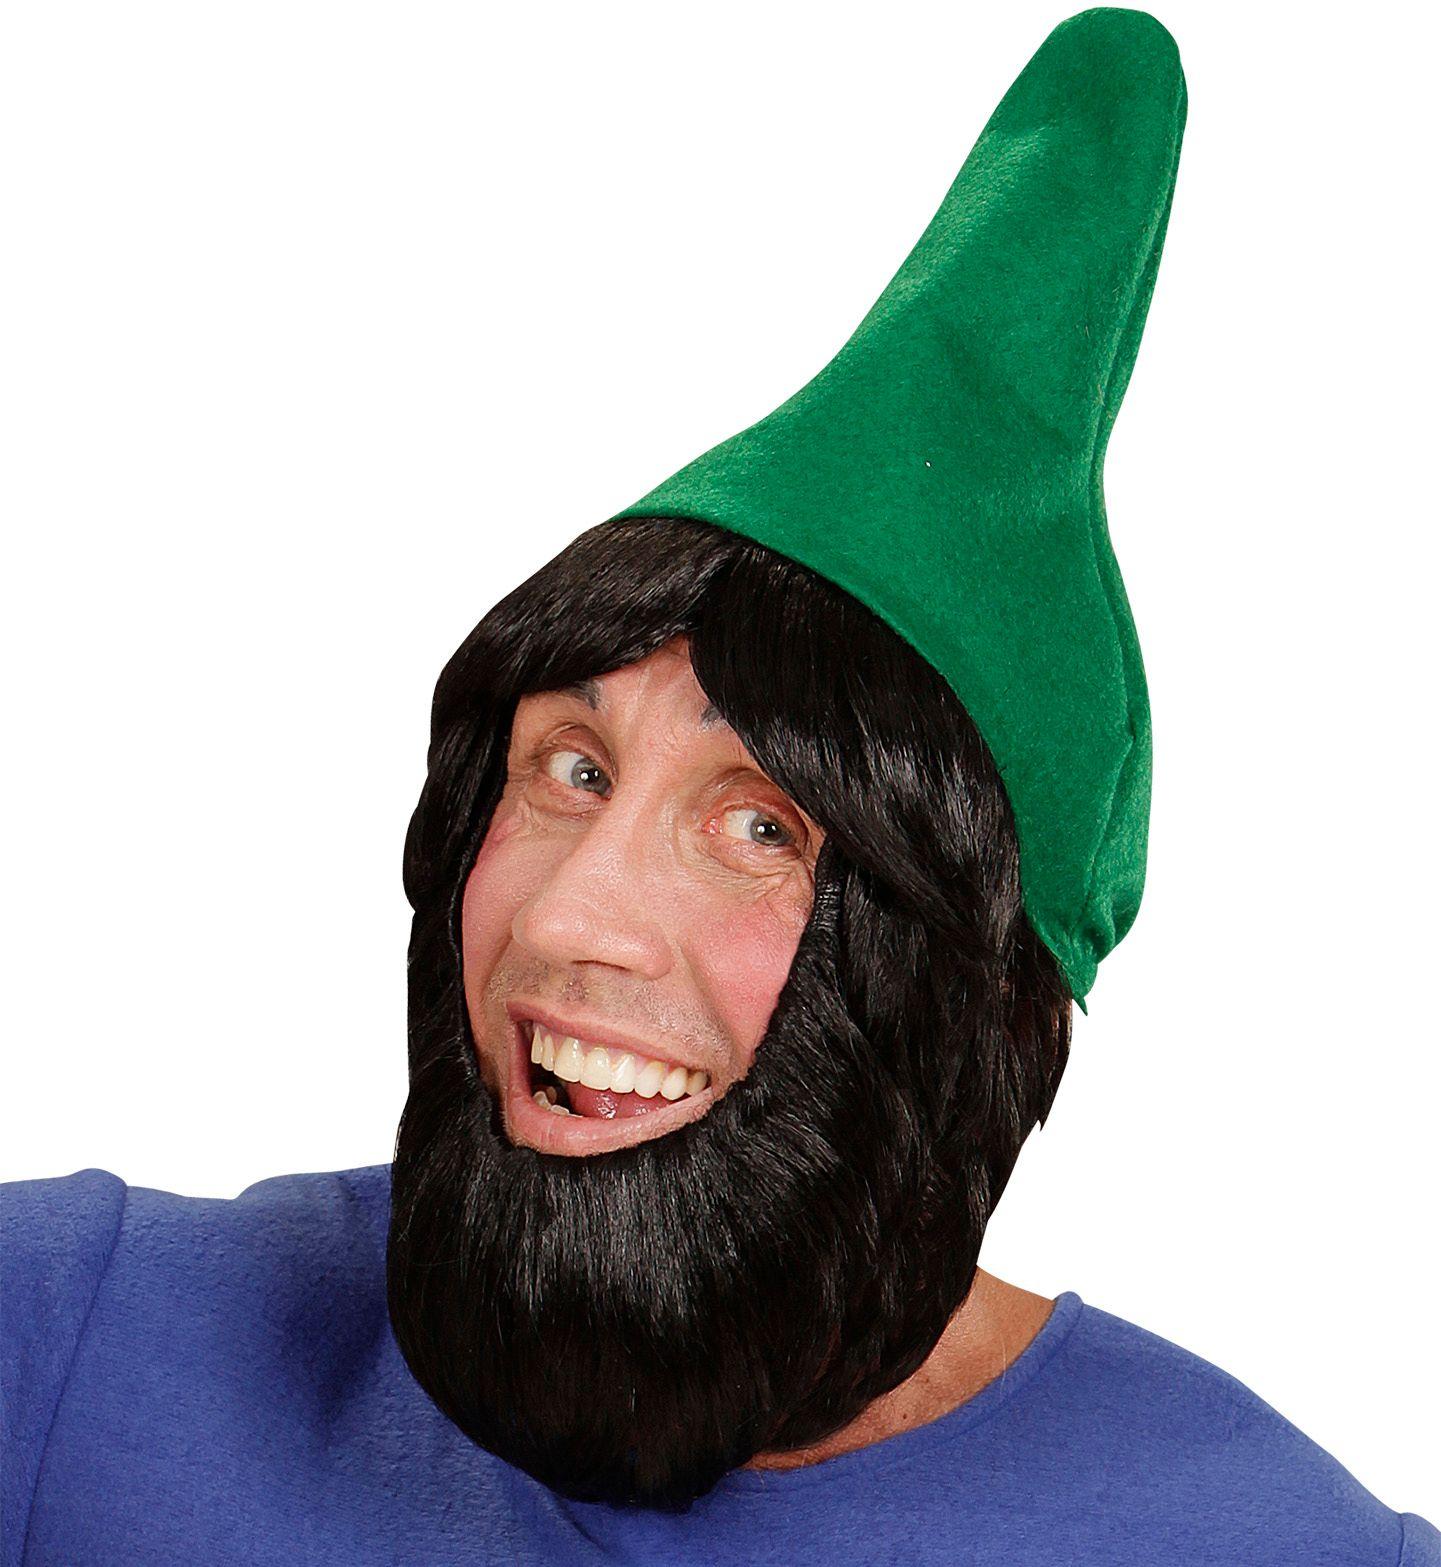 Groene kaboutermuts met pruik en baard